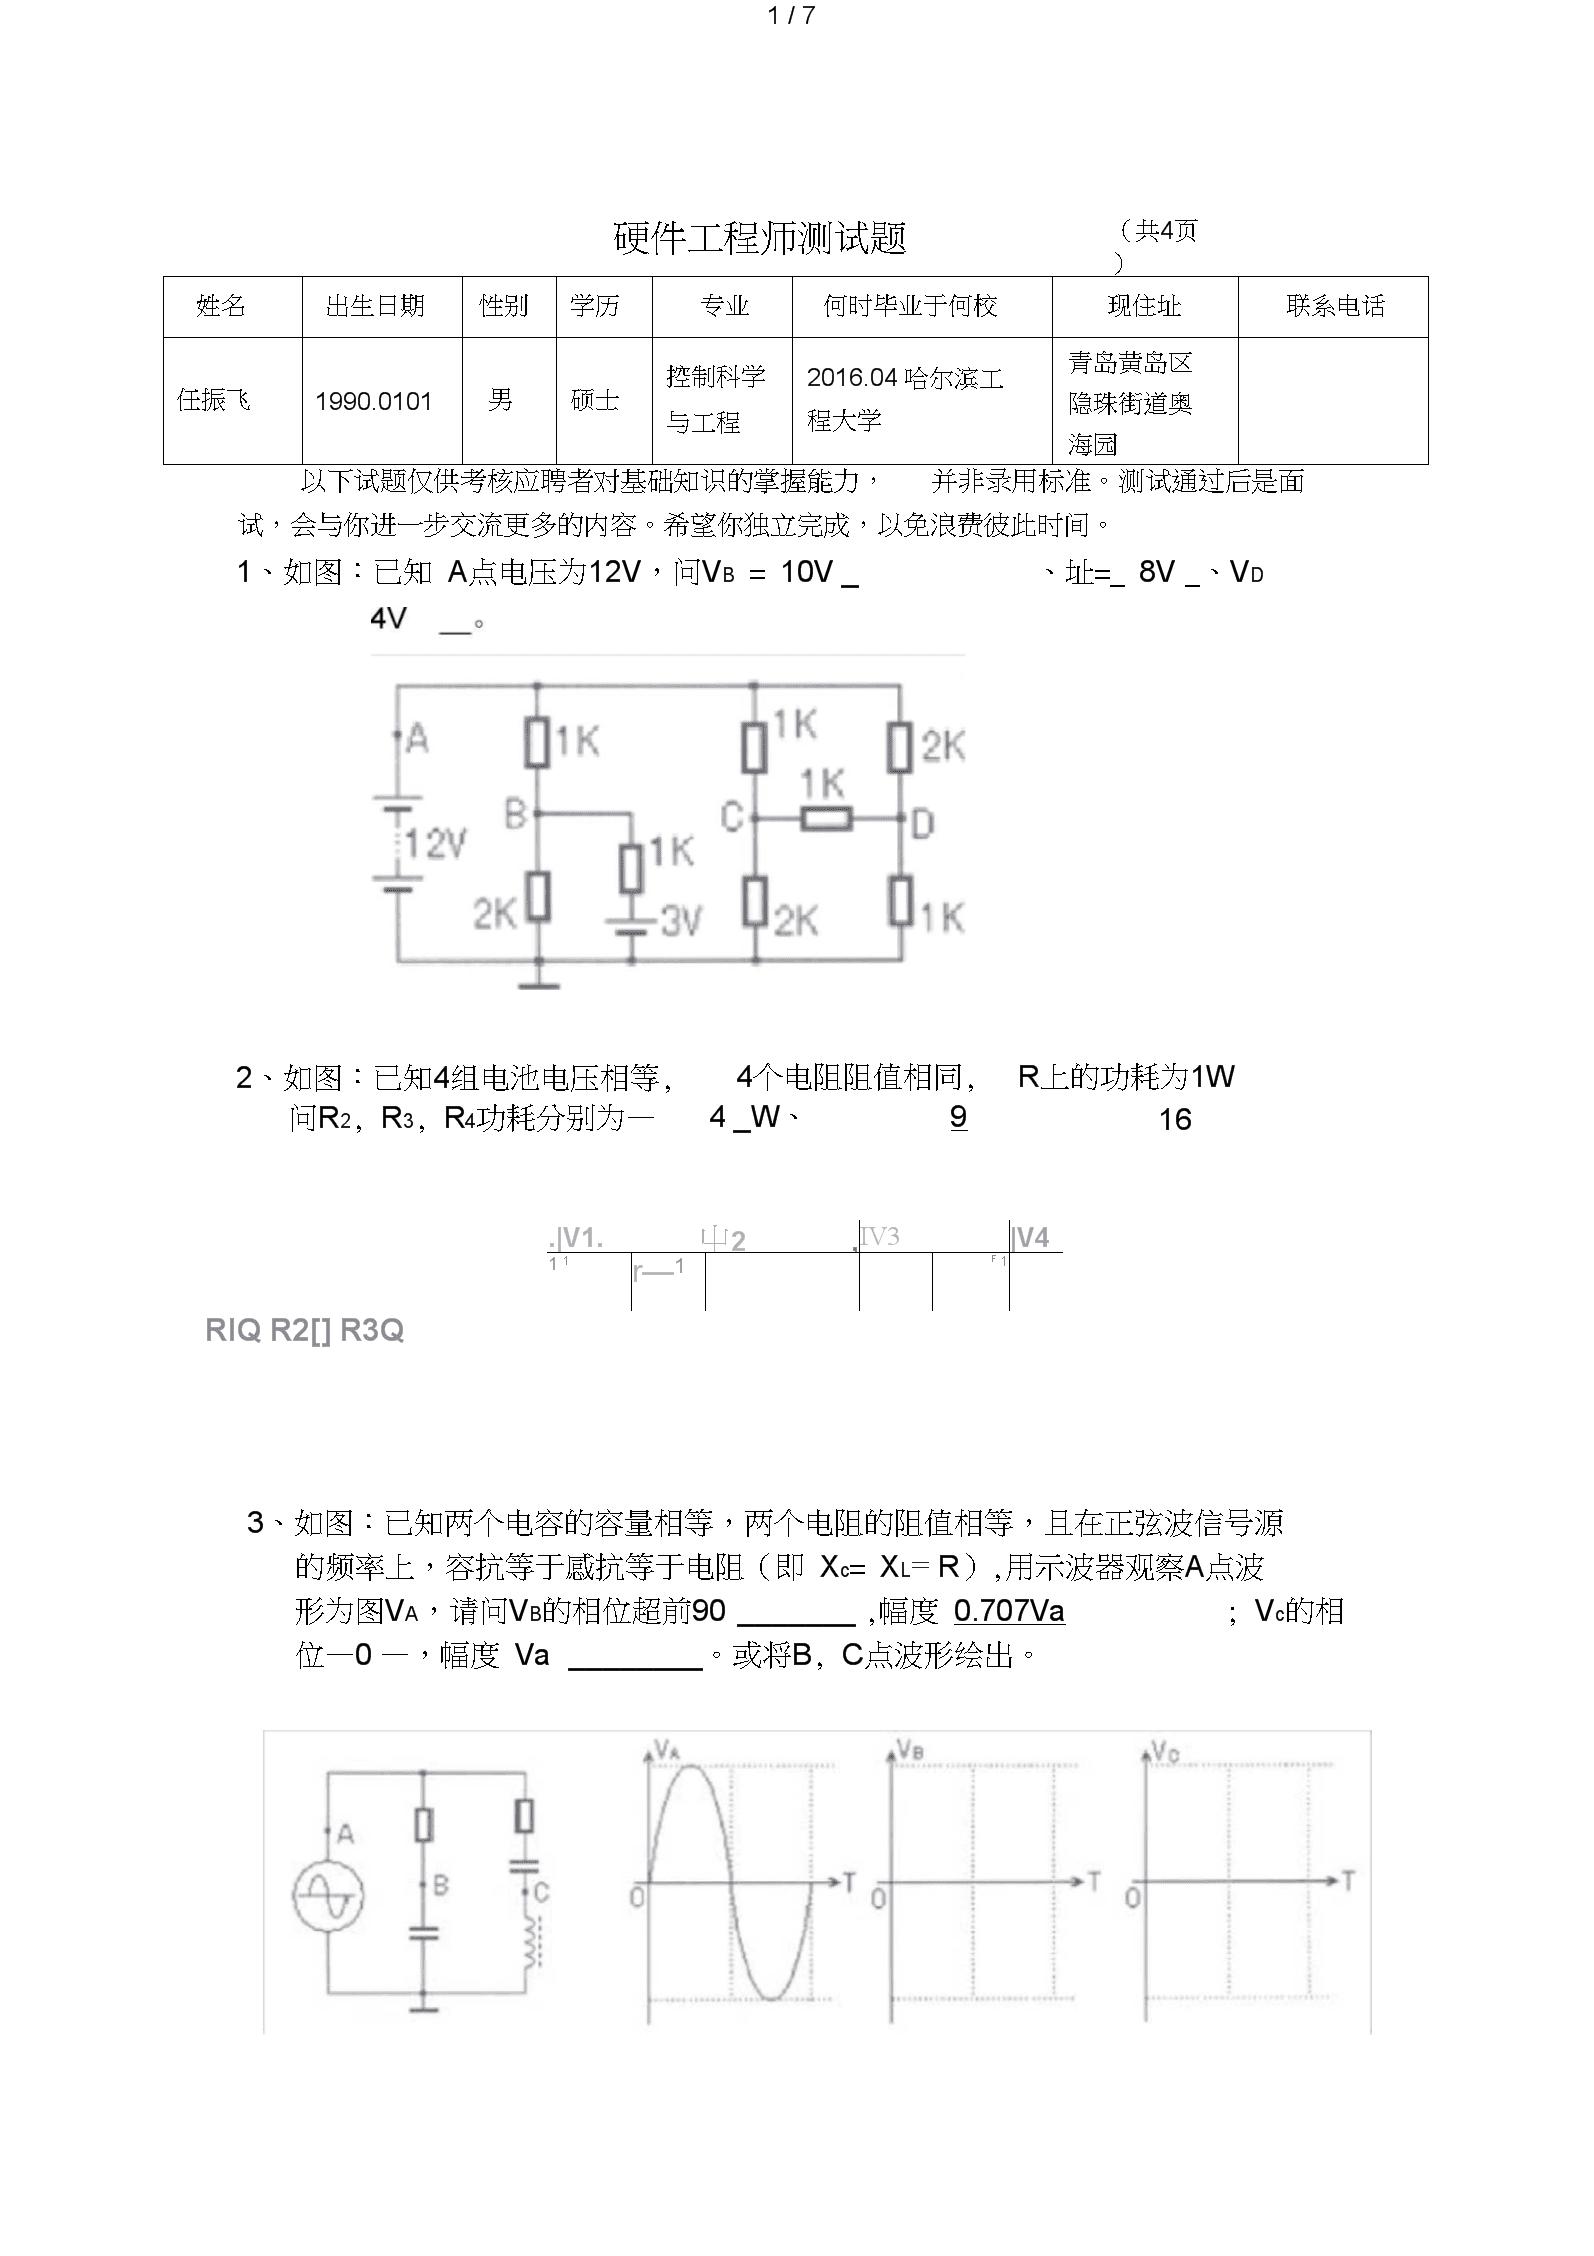 硬件工程师测试题.docx